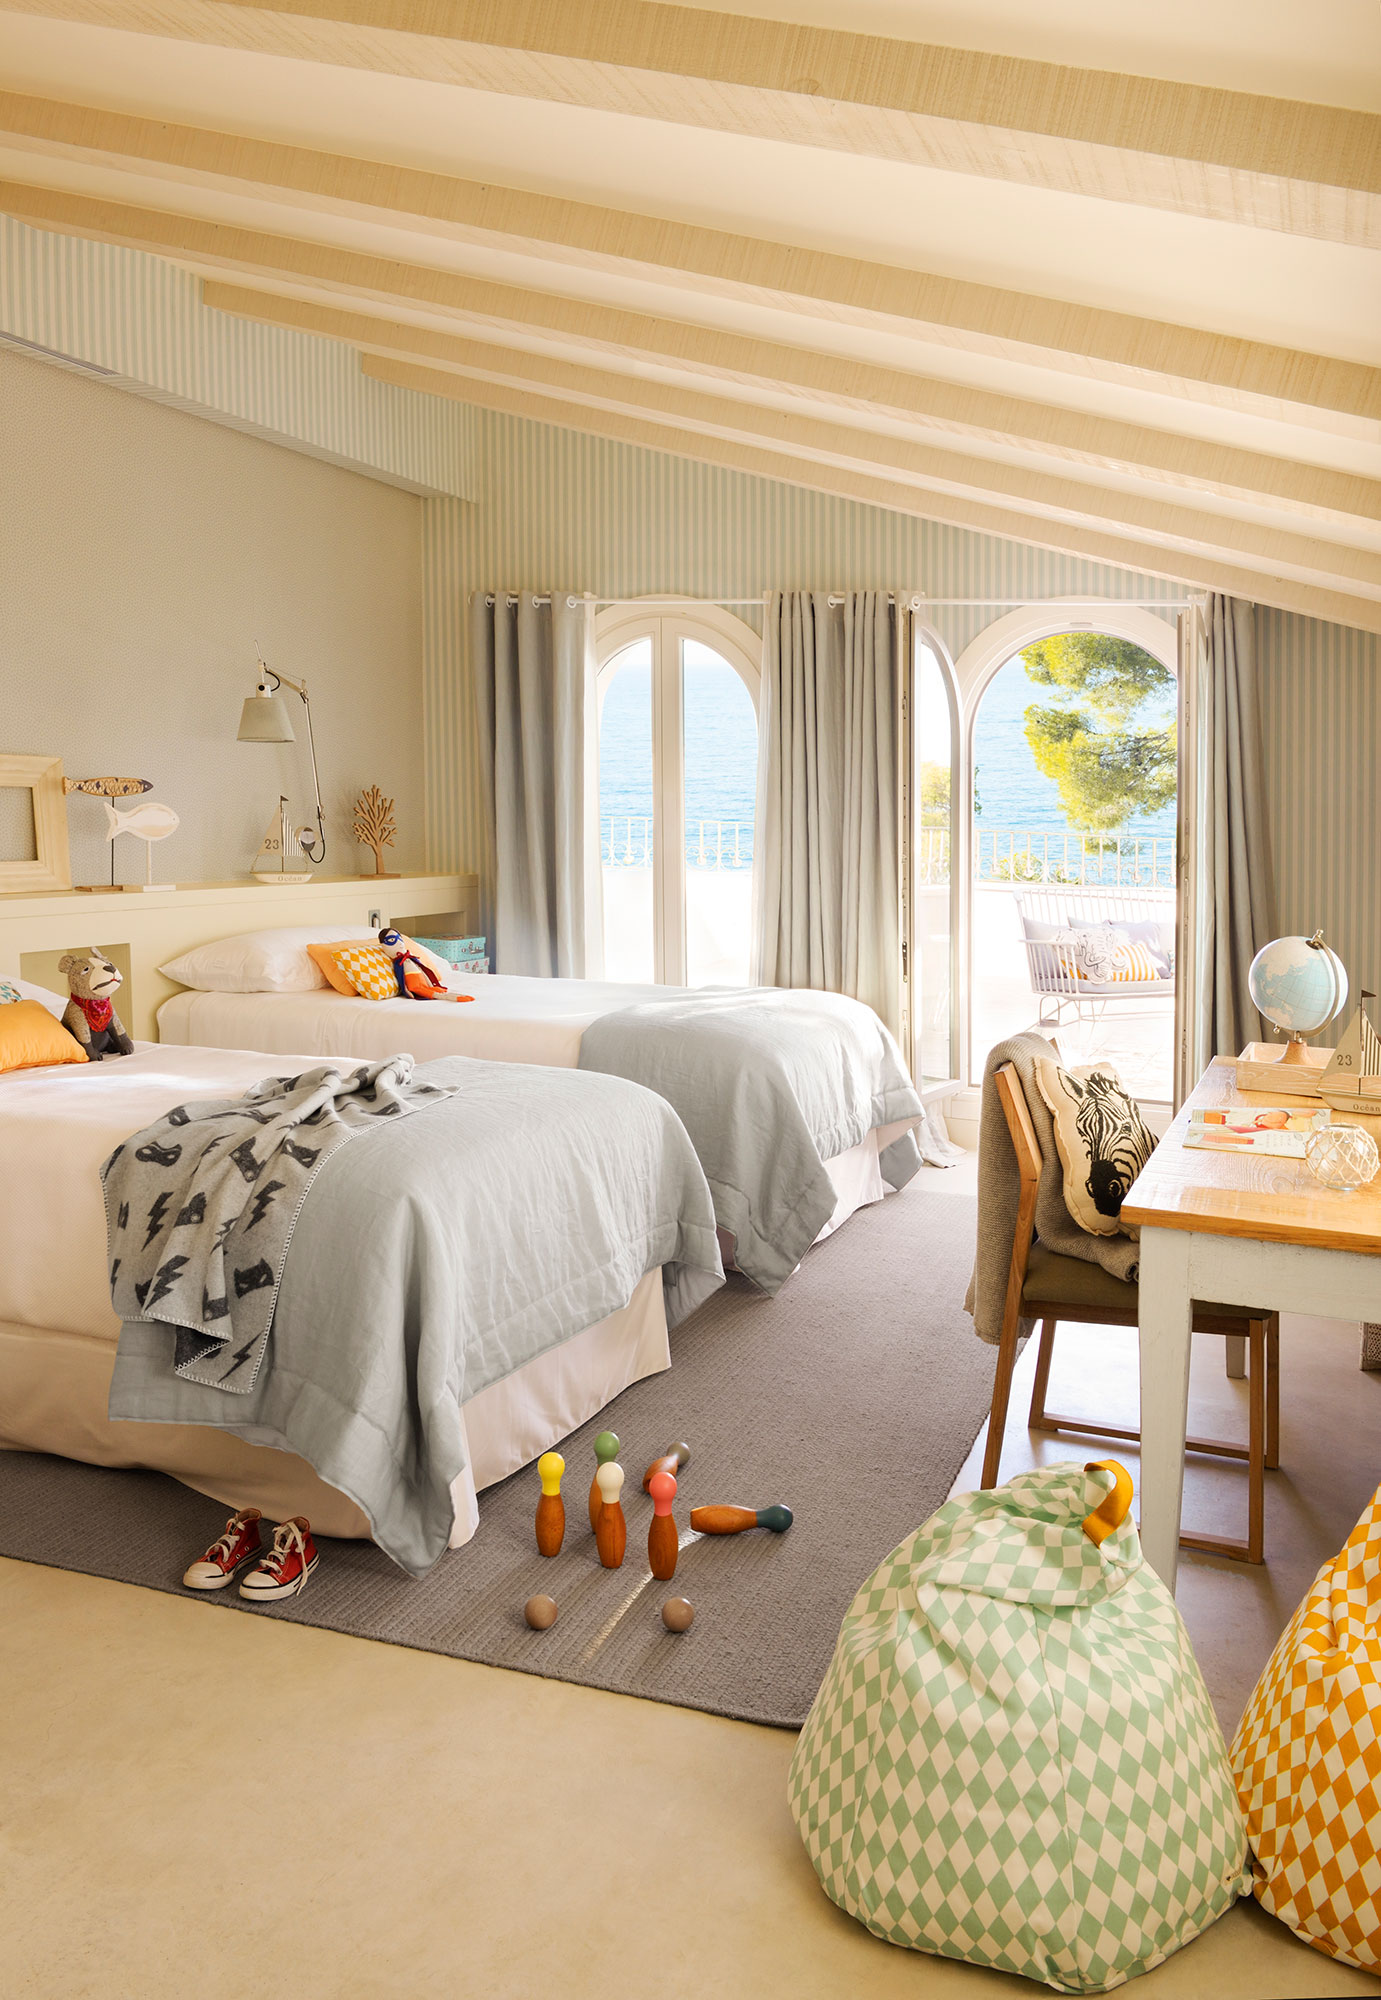 Papel pintado en dormitorios nuevos papeles pintados para for Dormitorios empapelados y pintados